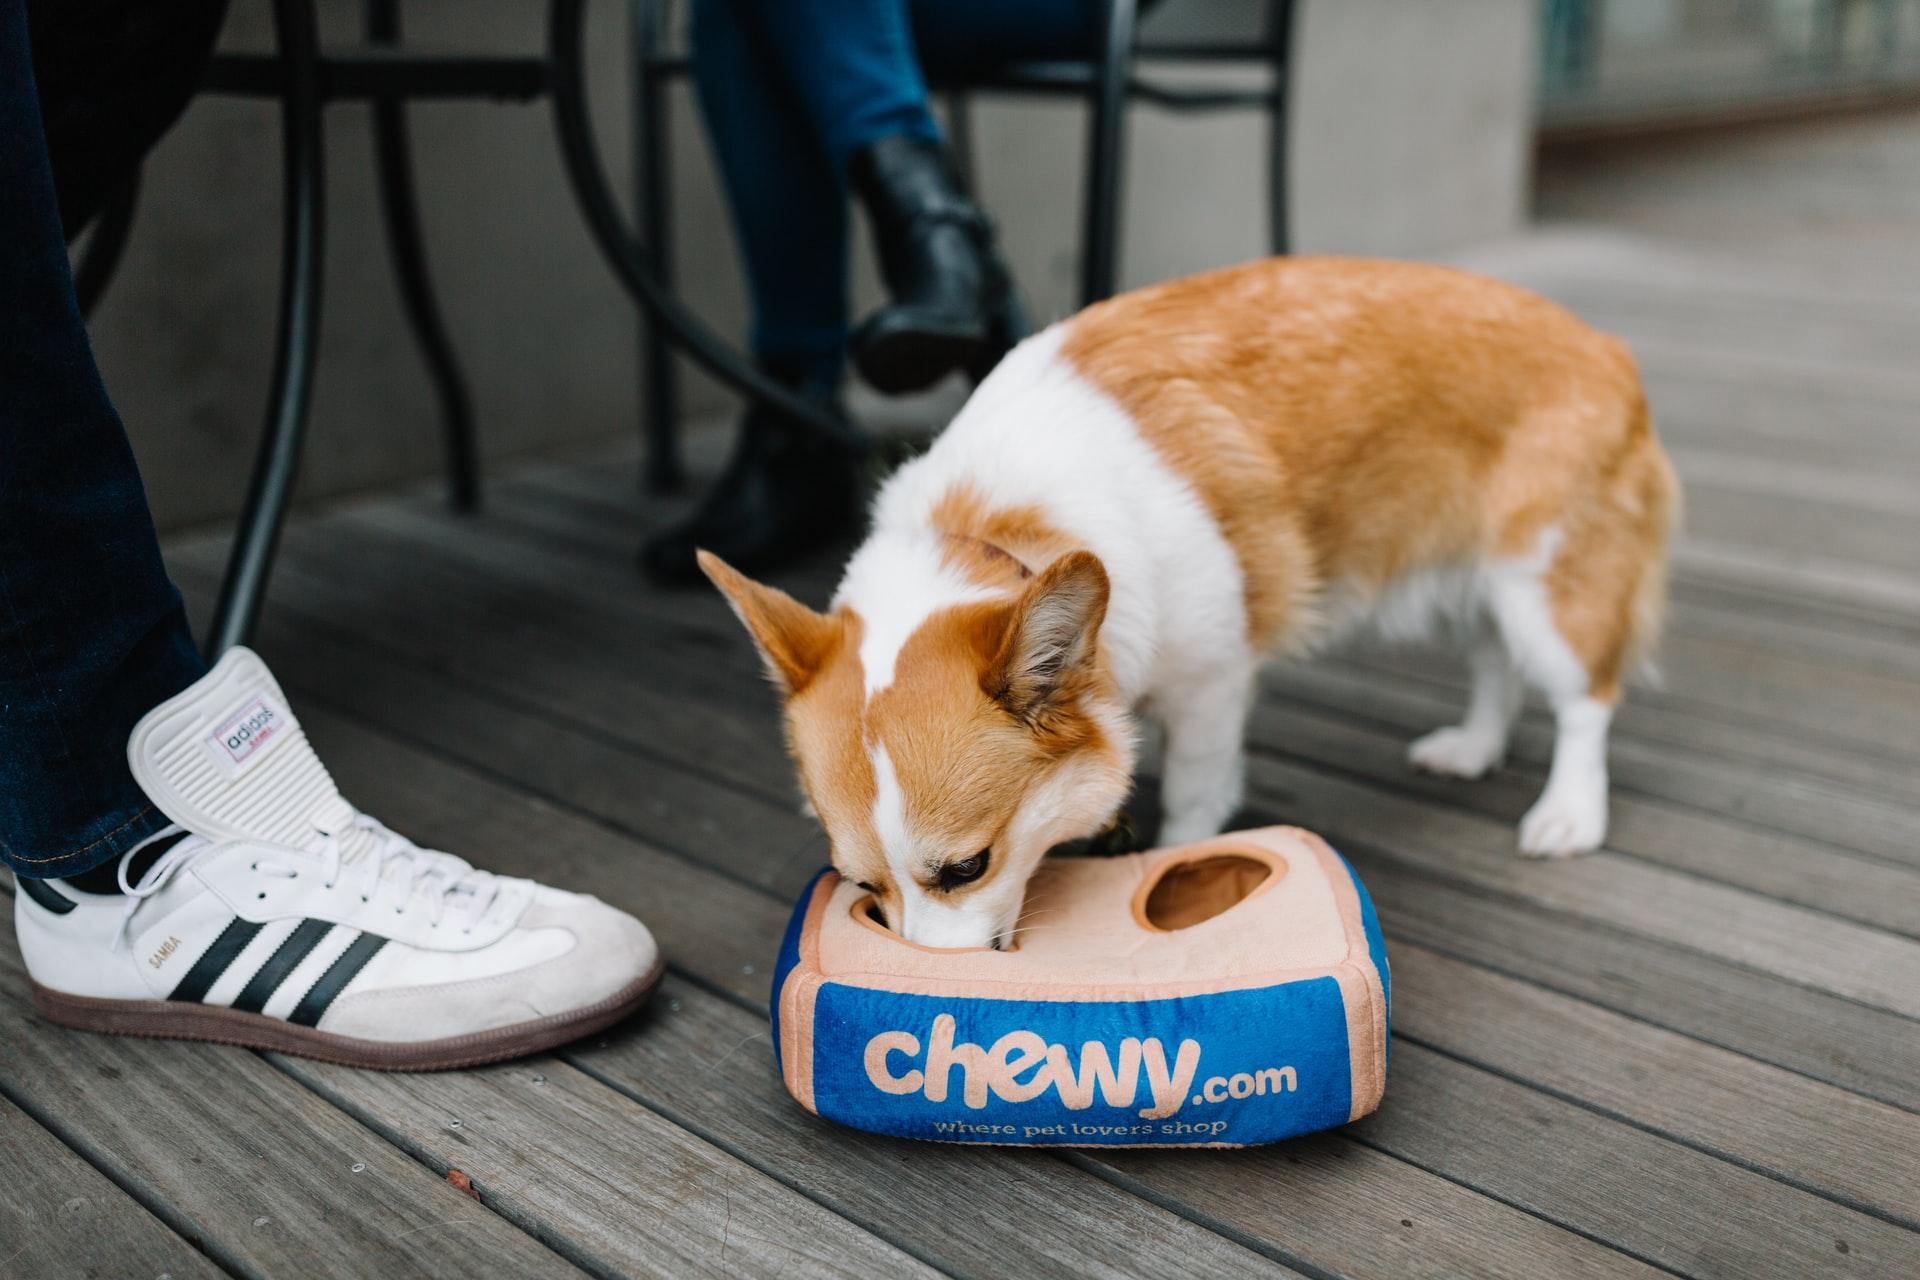 Melhores marcas de ração para cachorro